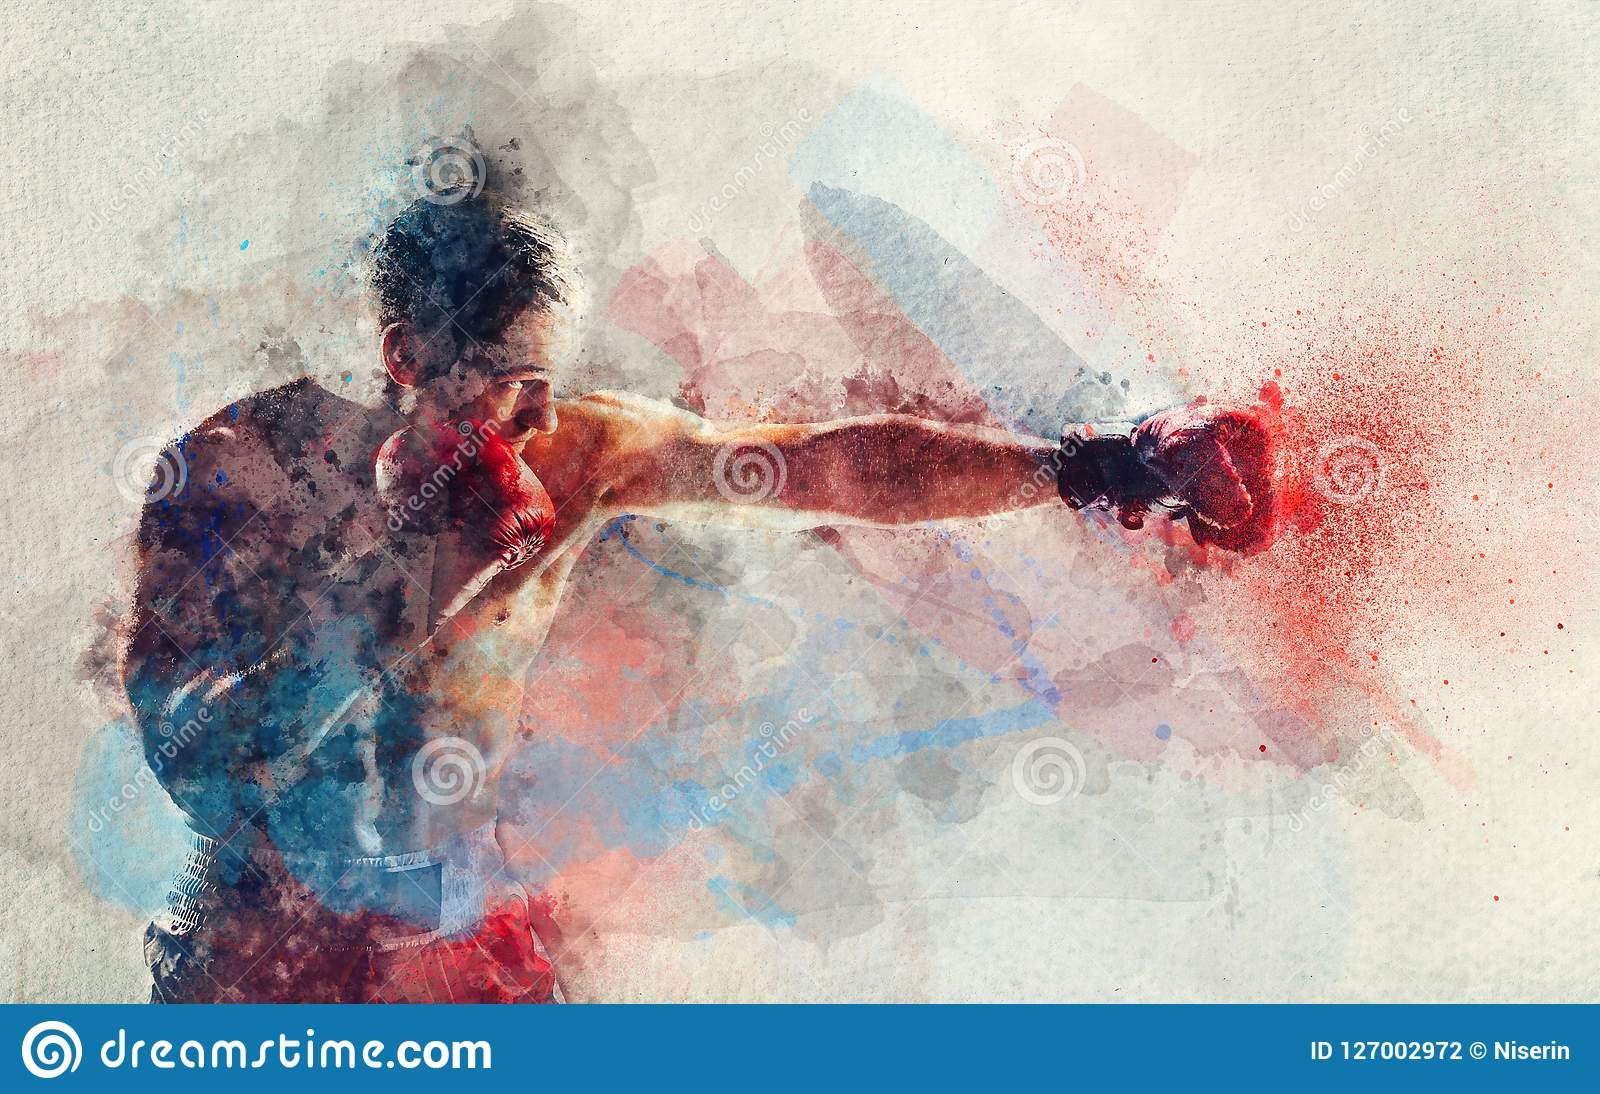 给予打击的拳击手水彩绘画